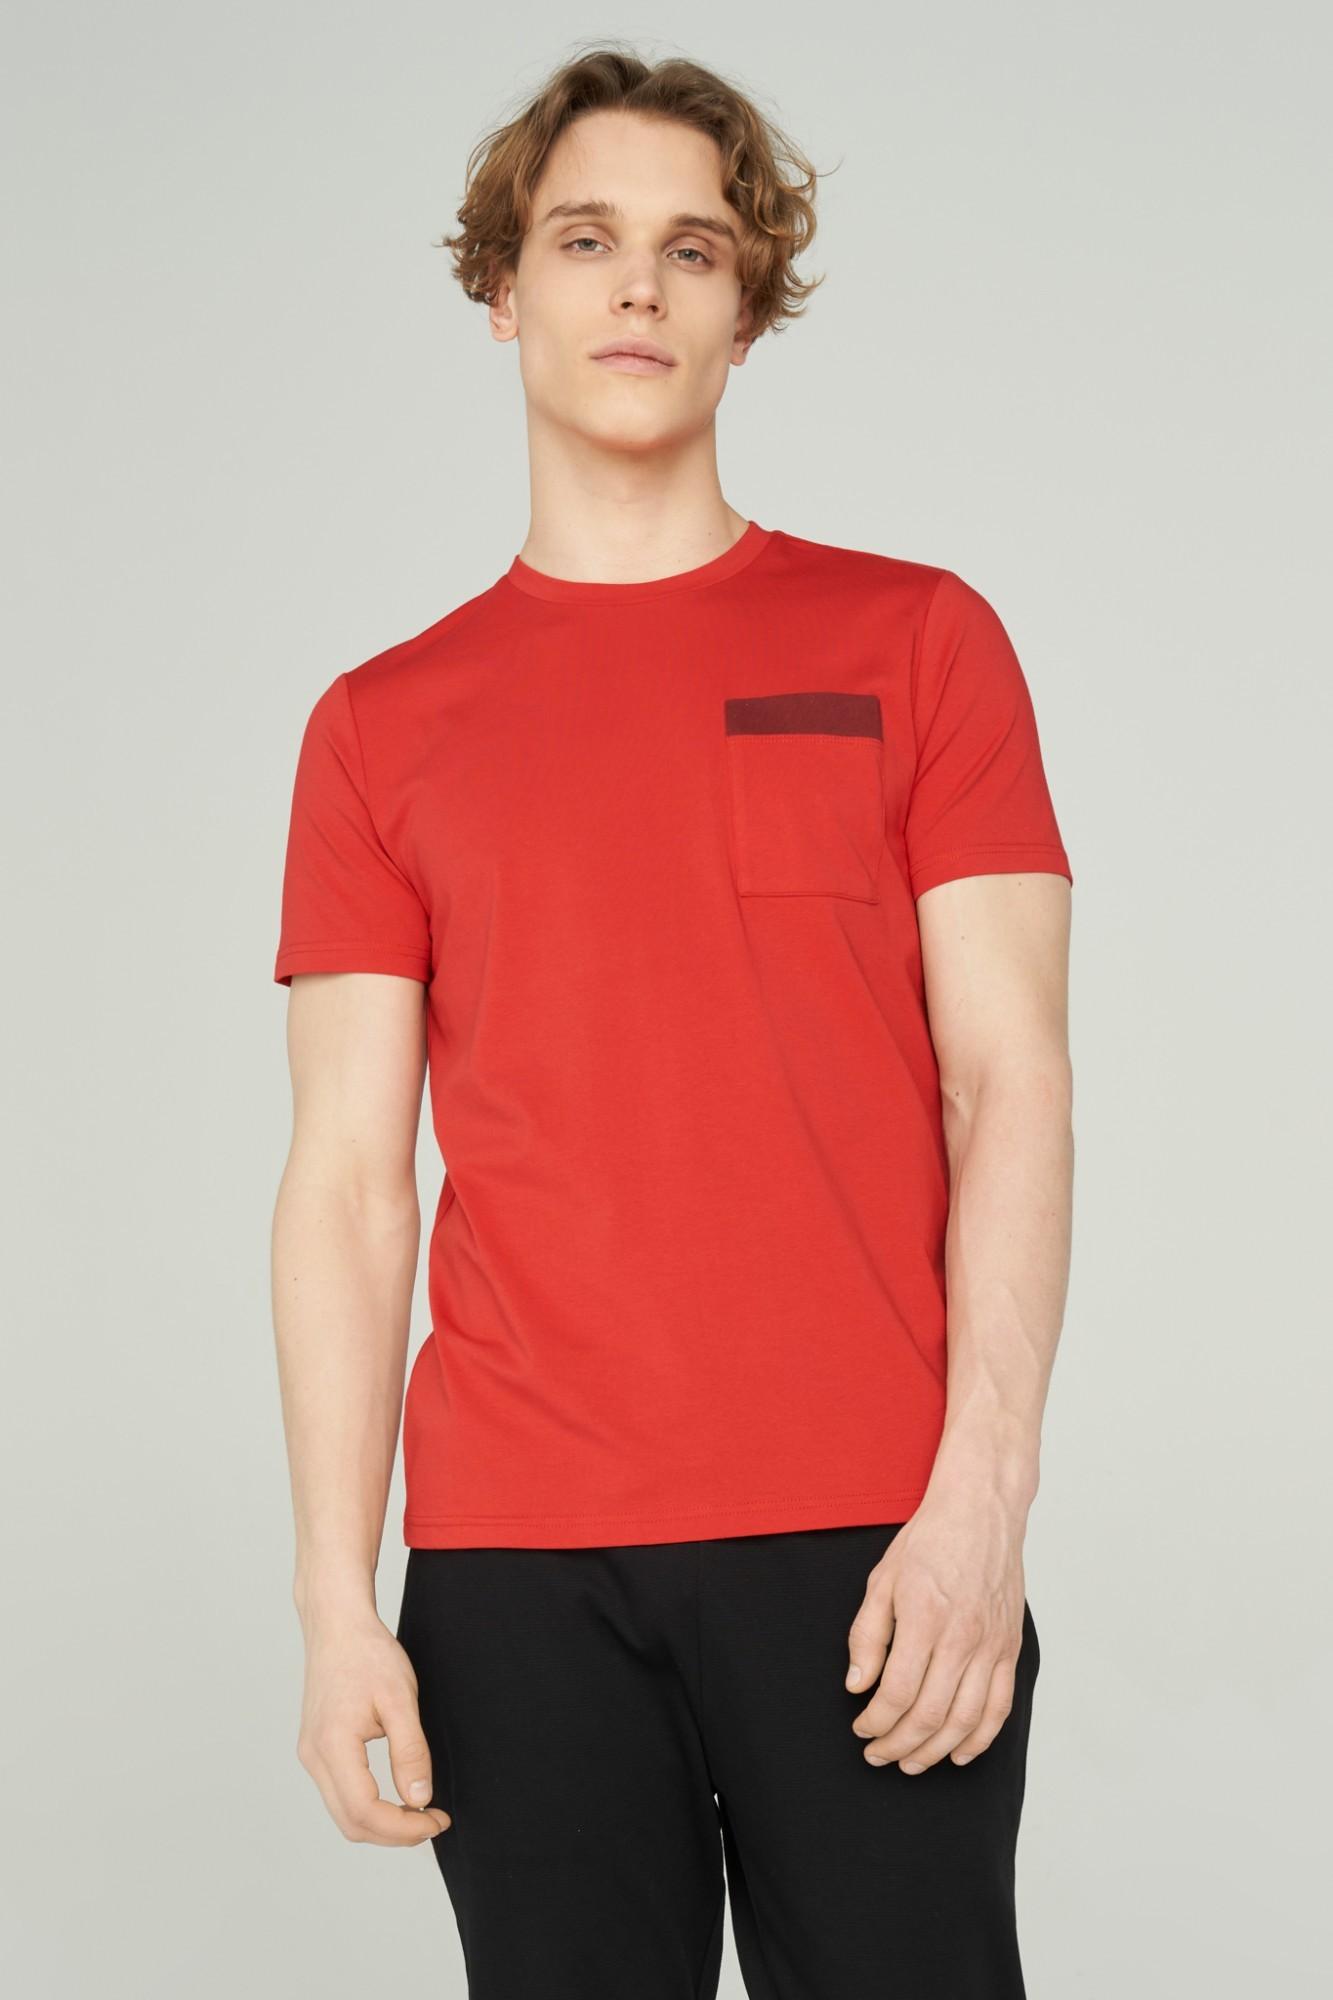 AUDIMAS Švelnūs modalo marškinėliai 2011-512 High Risk Red M